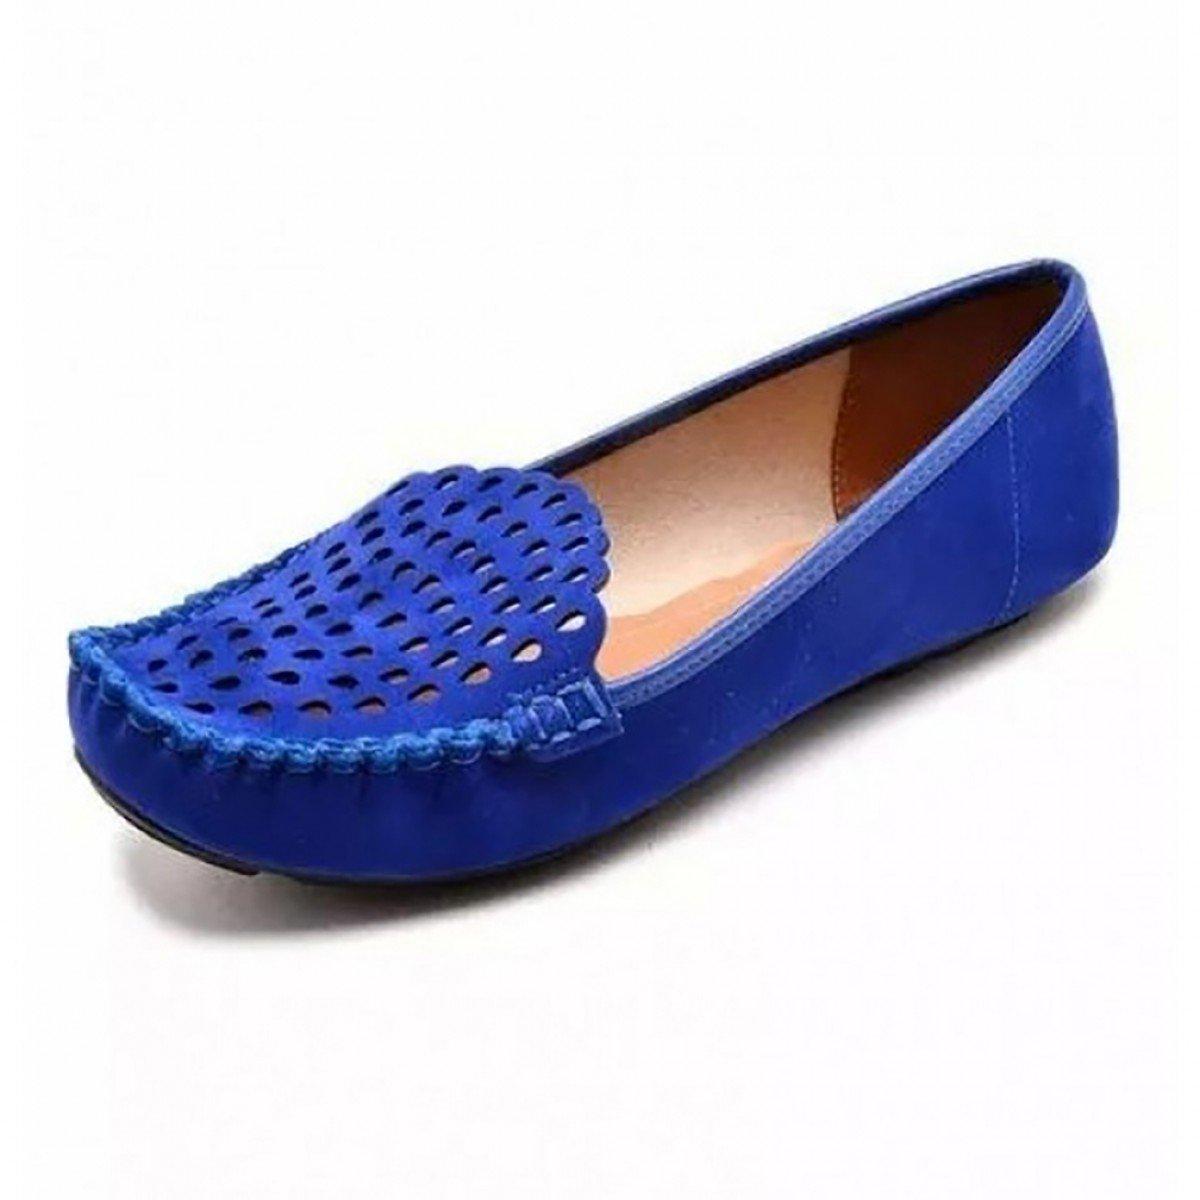 2a4db9f83b Mocassim Feminino Vizzano Nobuck Nice Glam Azul - Compre Agora ...